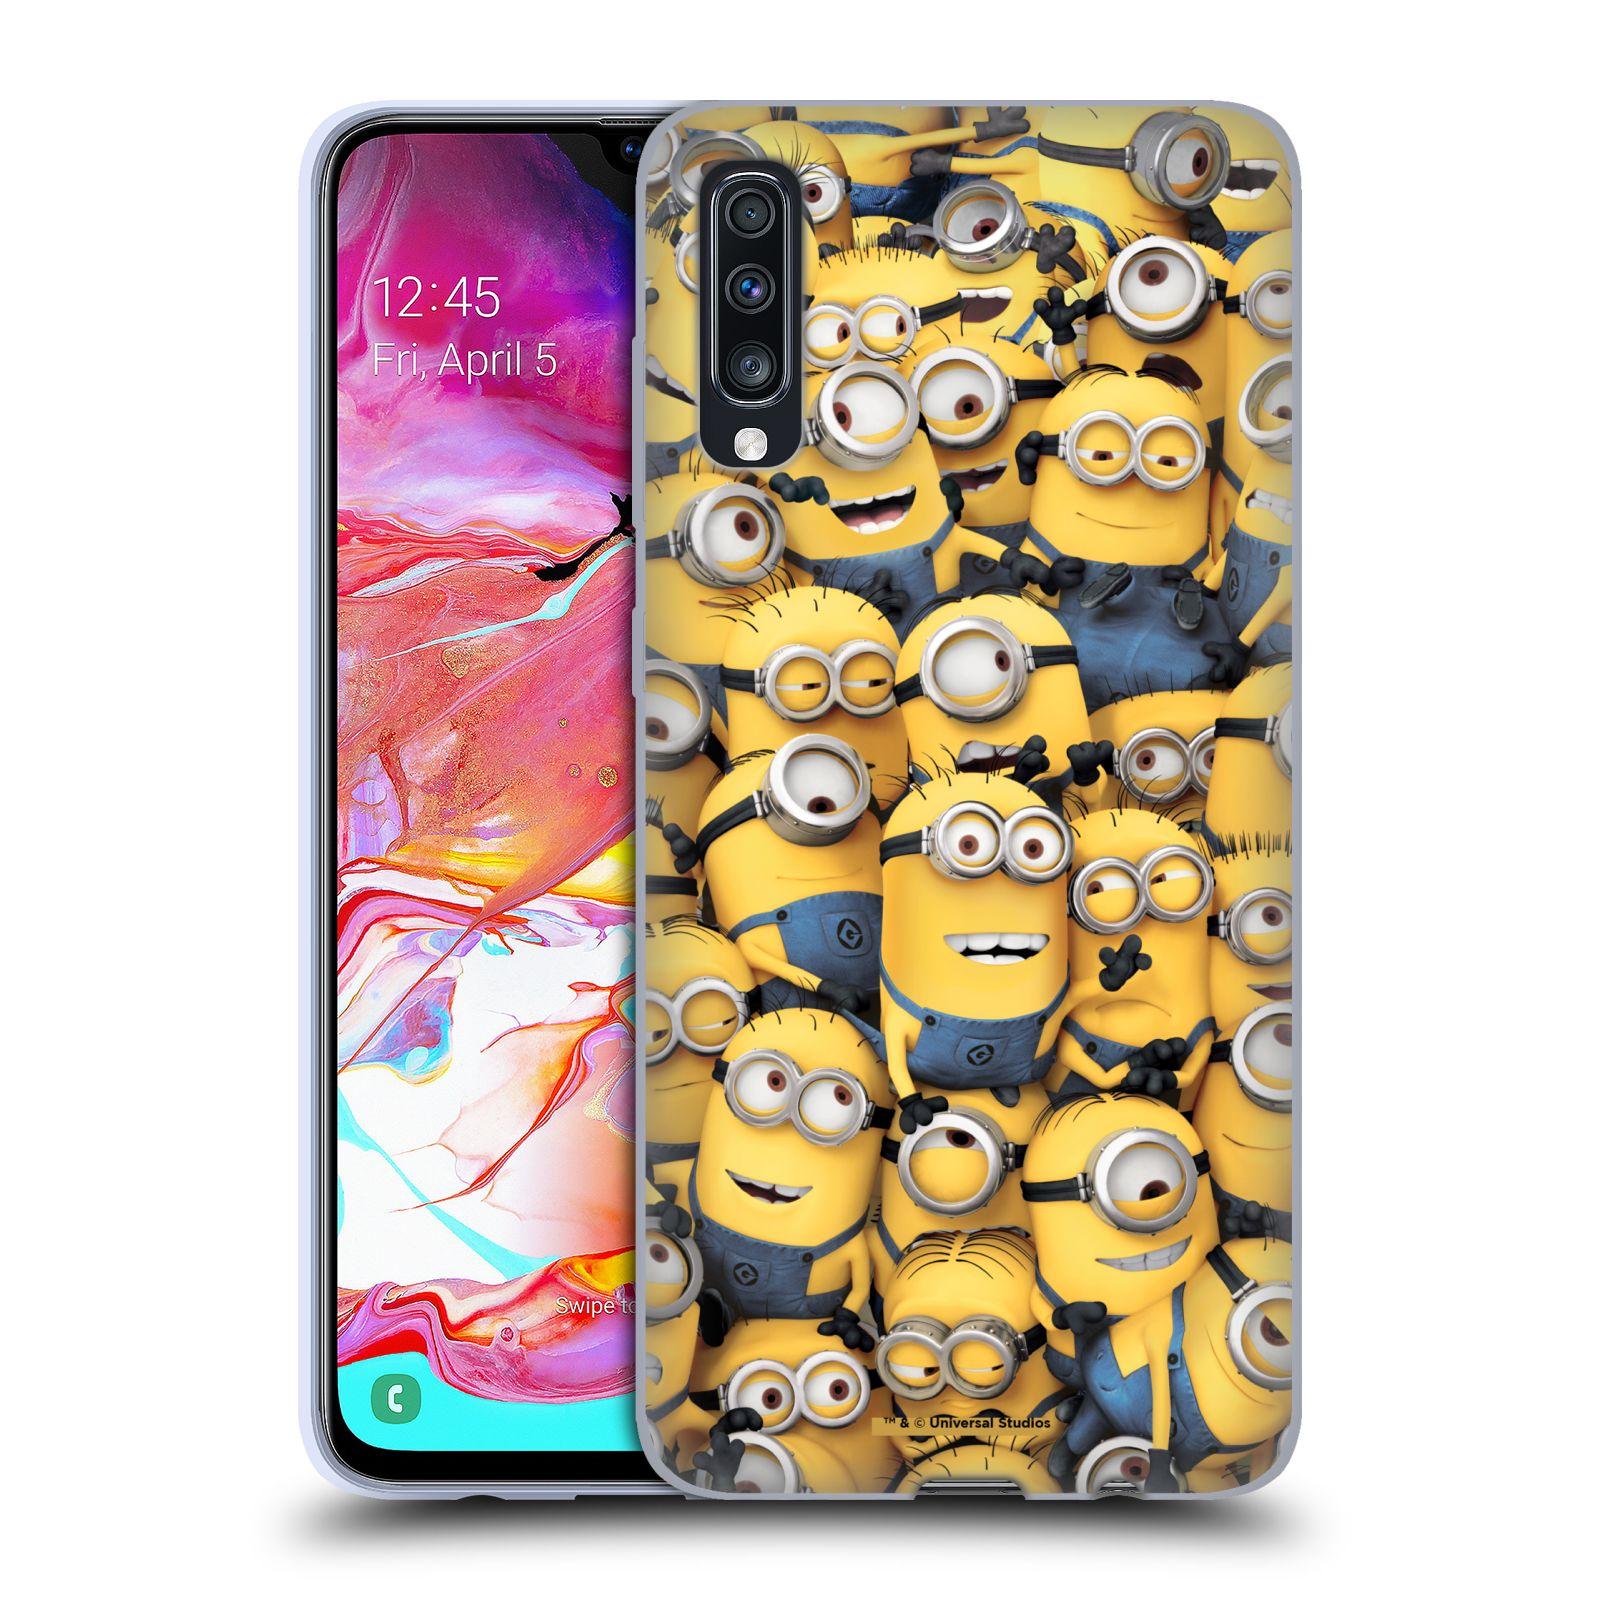 Silikonové pouzdro na mobil Samsung Galaxy A70 - Head Case - Mimoni všude z filmu Já, padouch - Despicable Me